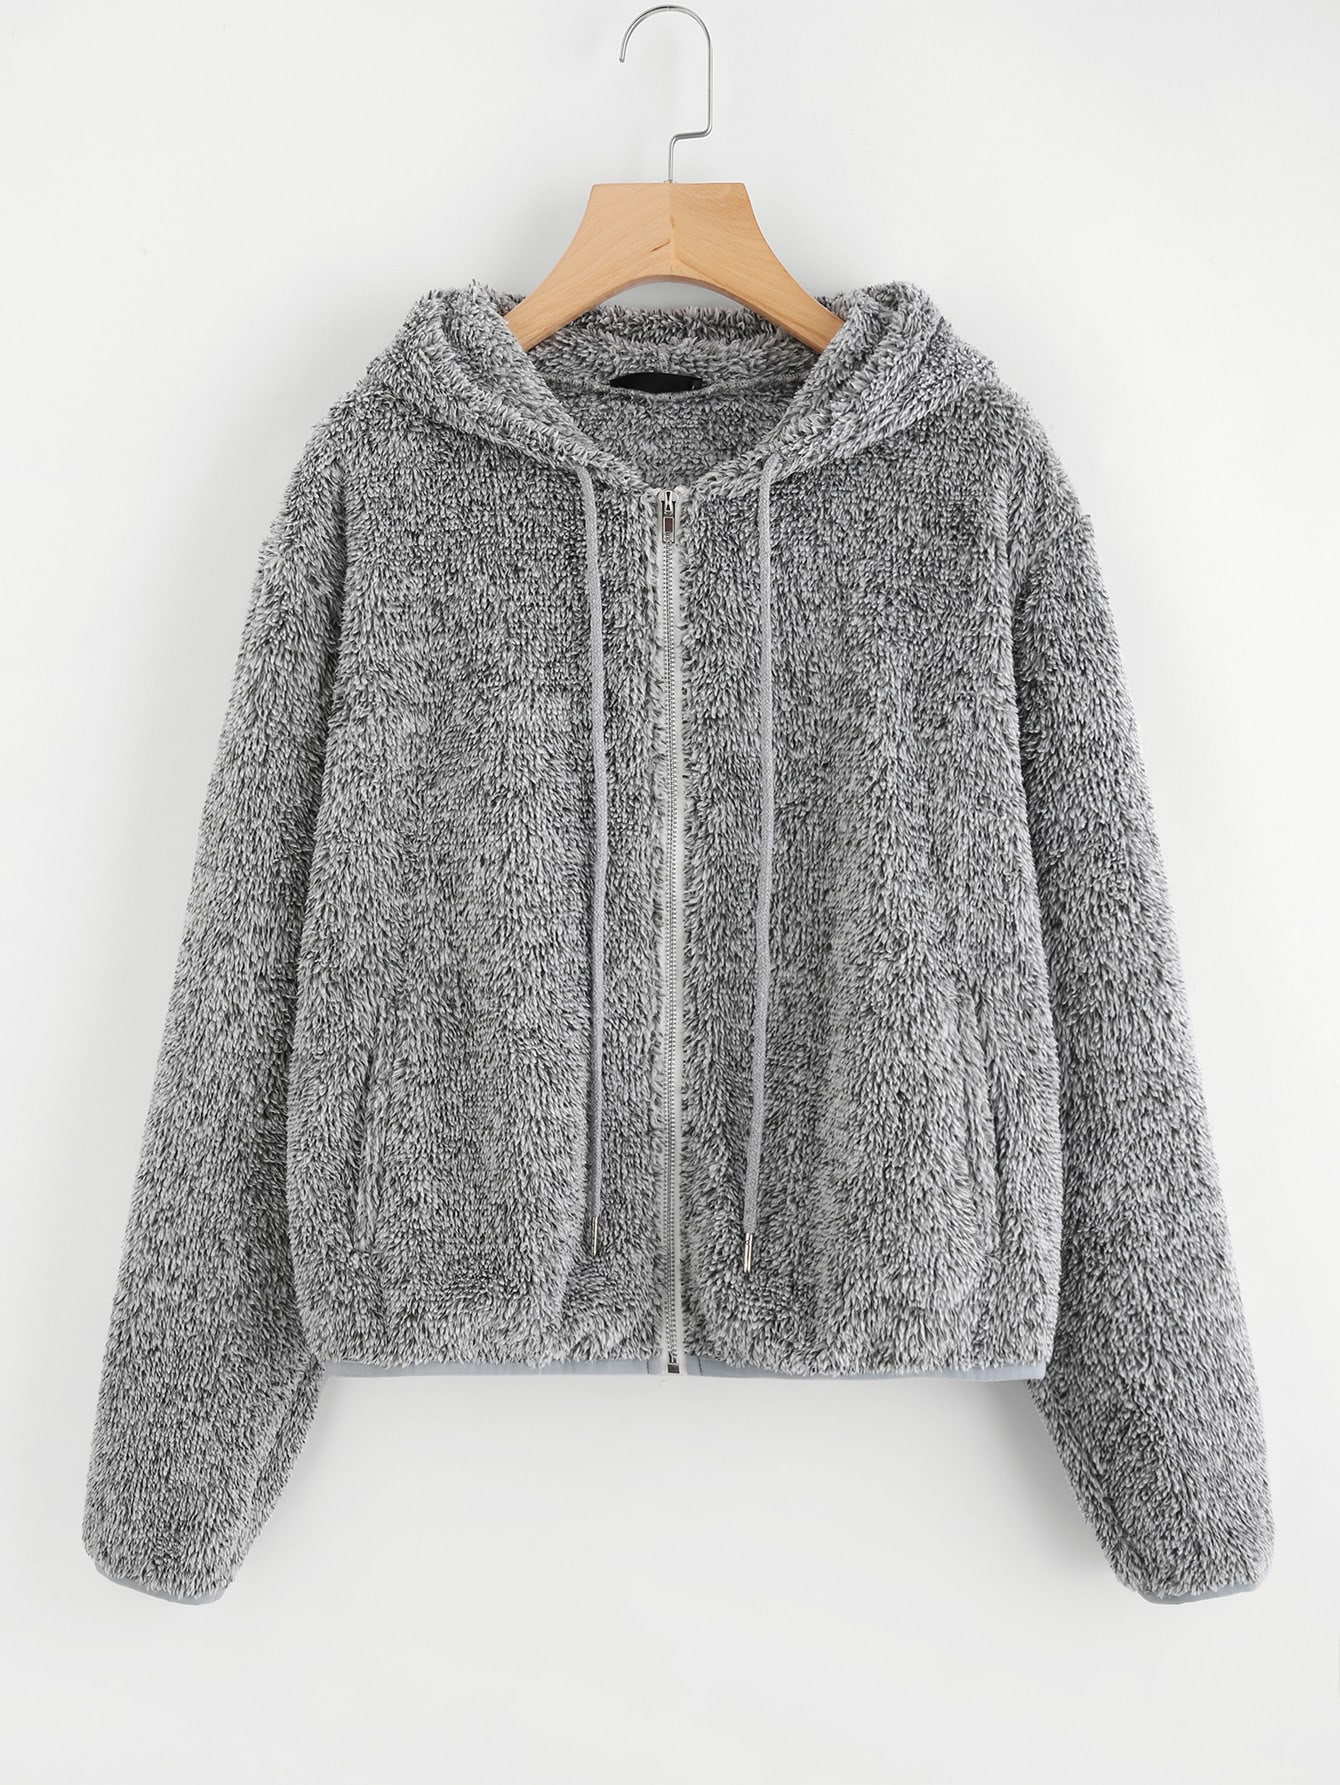 Zip Up Fuzzy Hoodie Jacket gt radial maxmiler cx 175 75 r16c 101 99r летняя